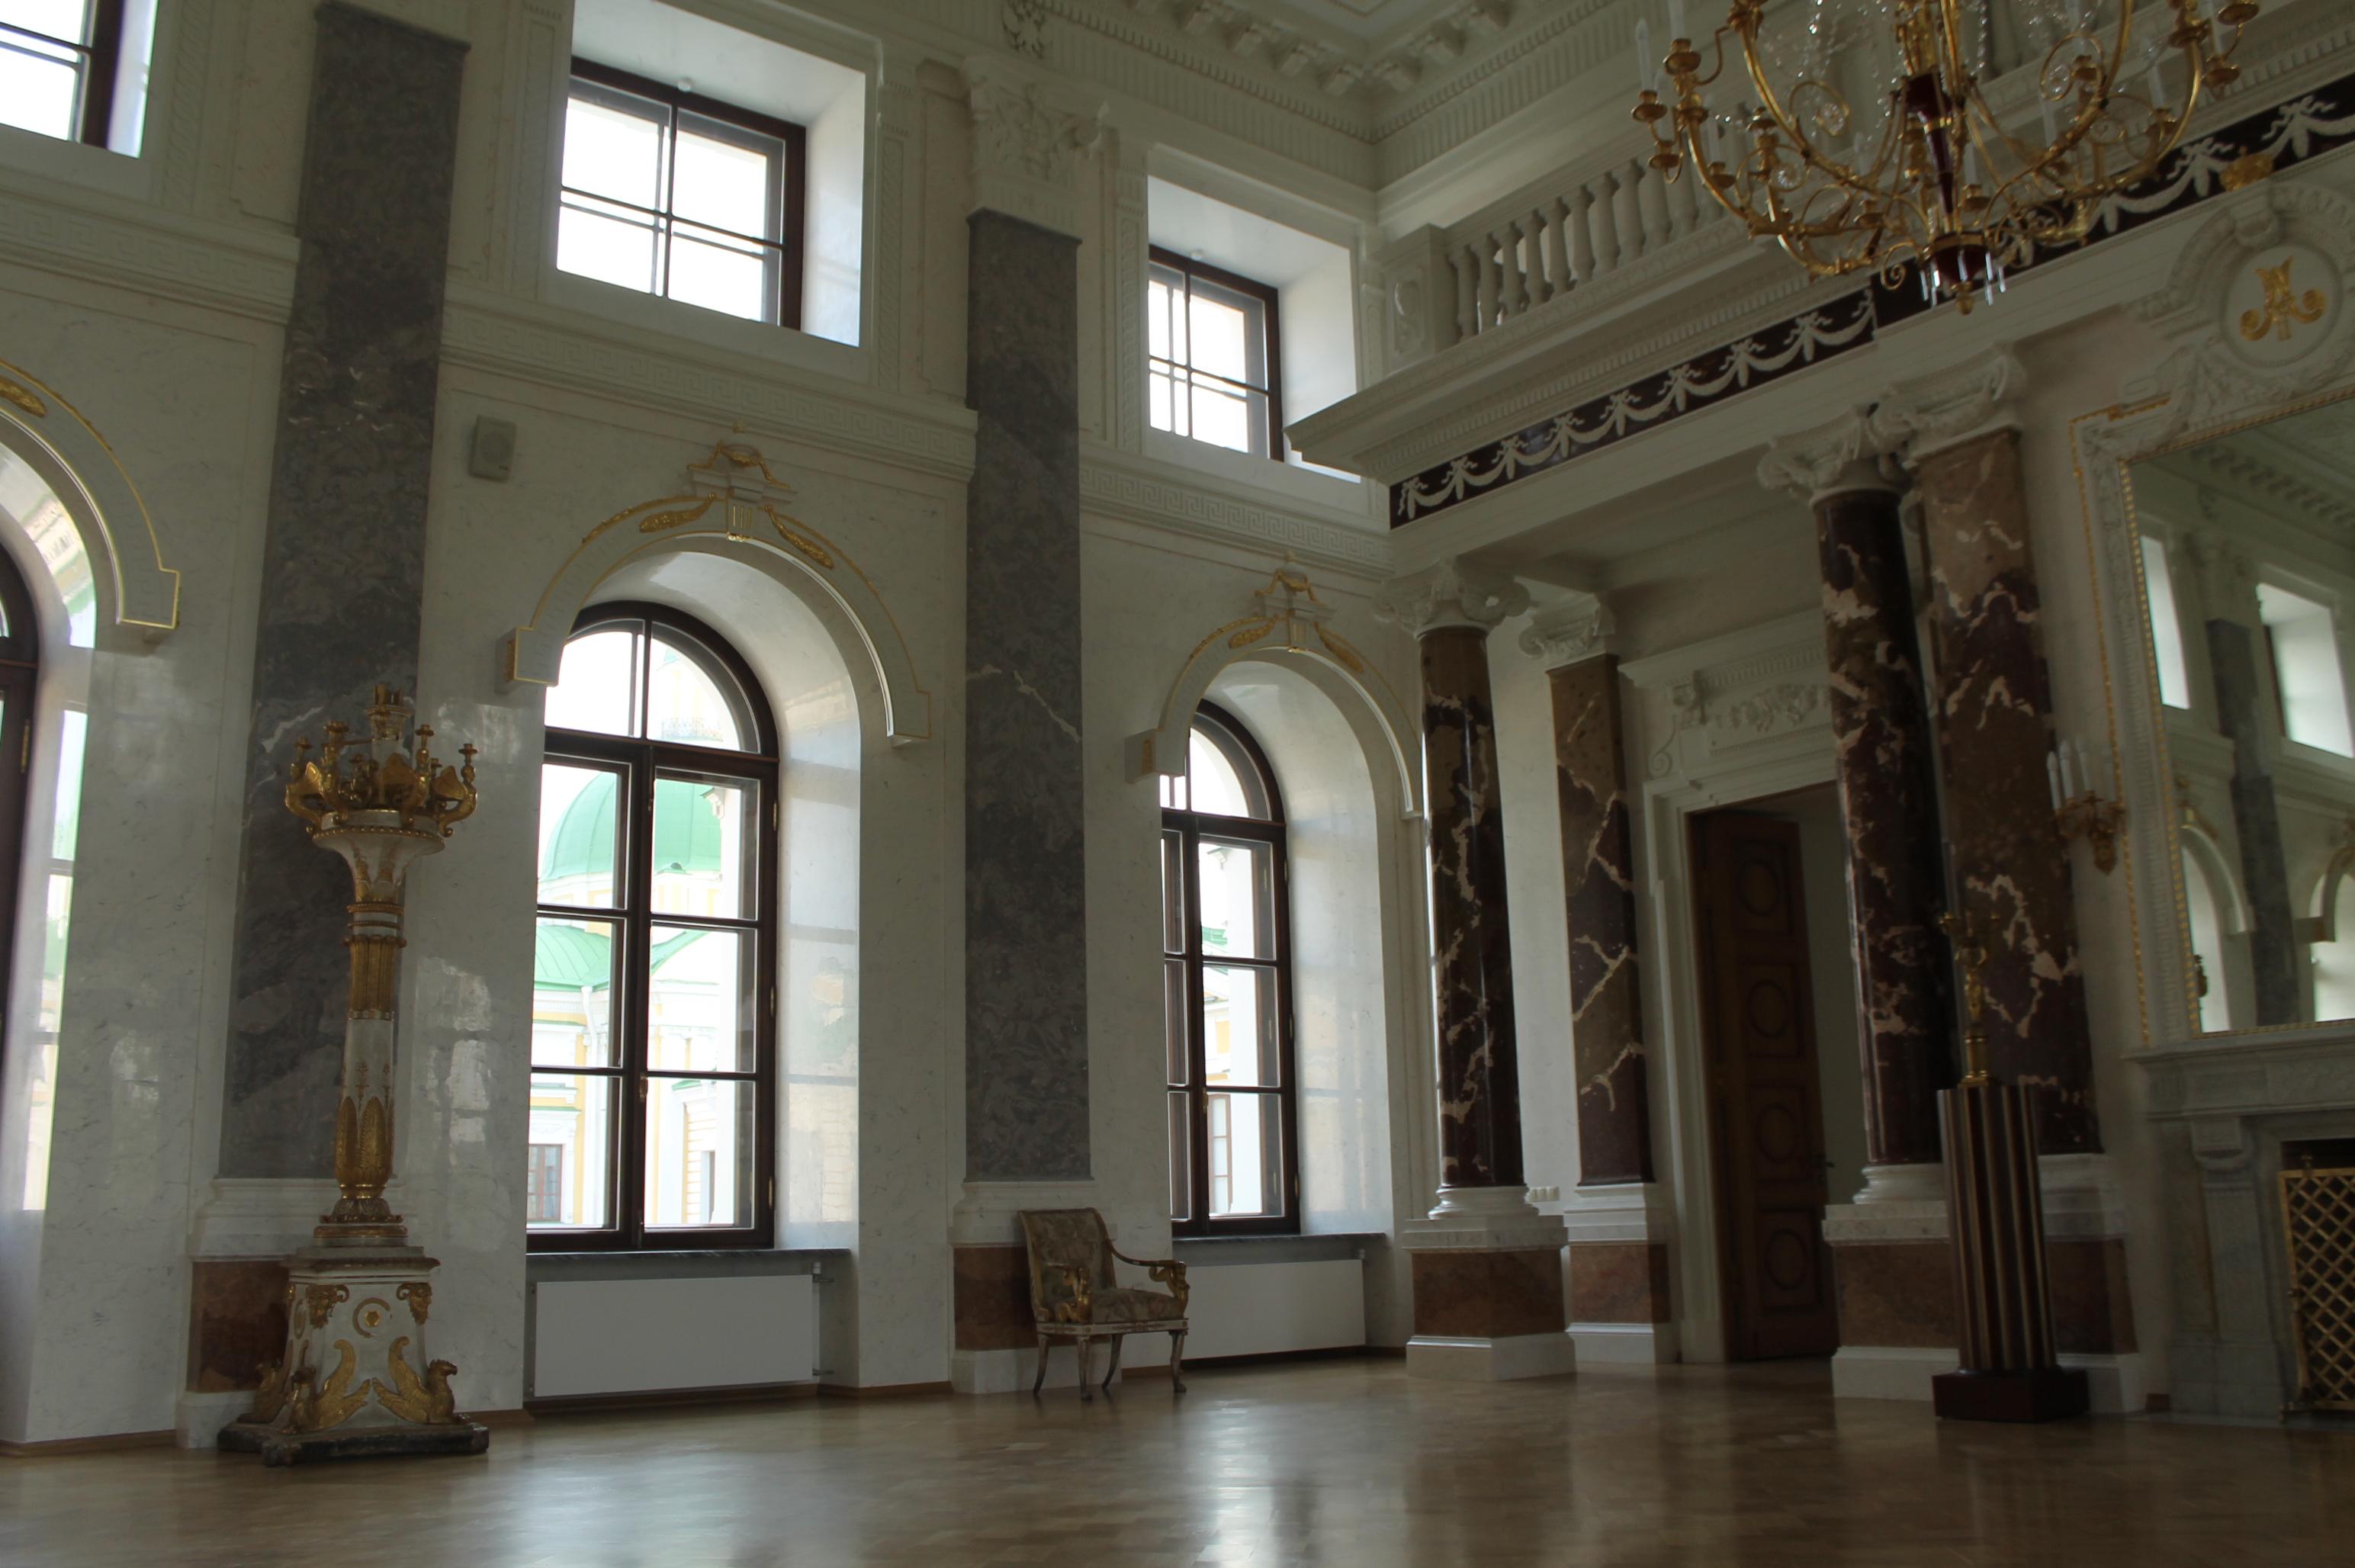 Тверская областная картинная галерея. Тверской императорский дворец